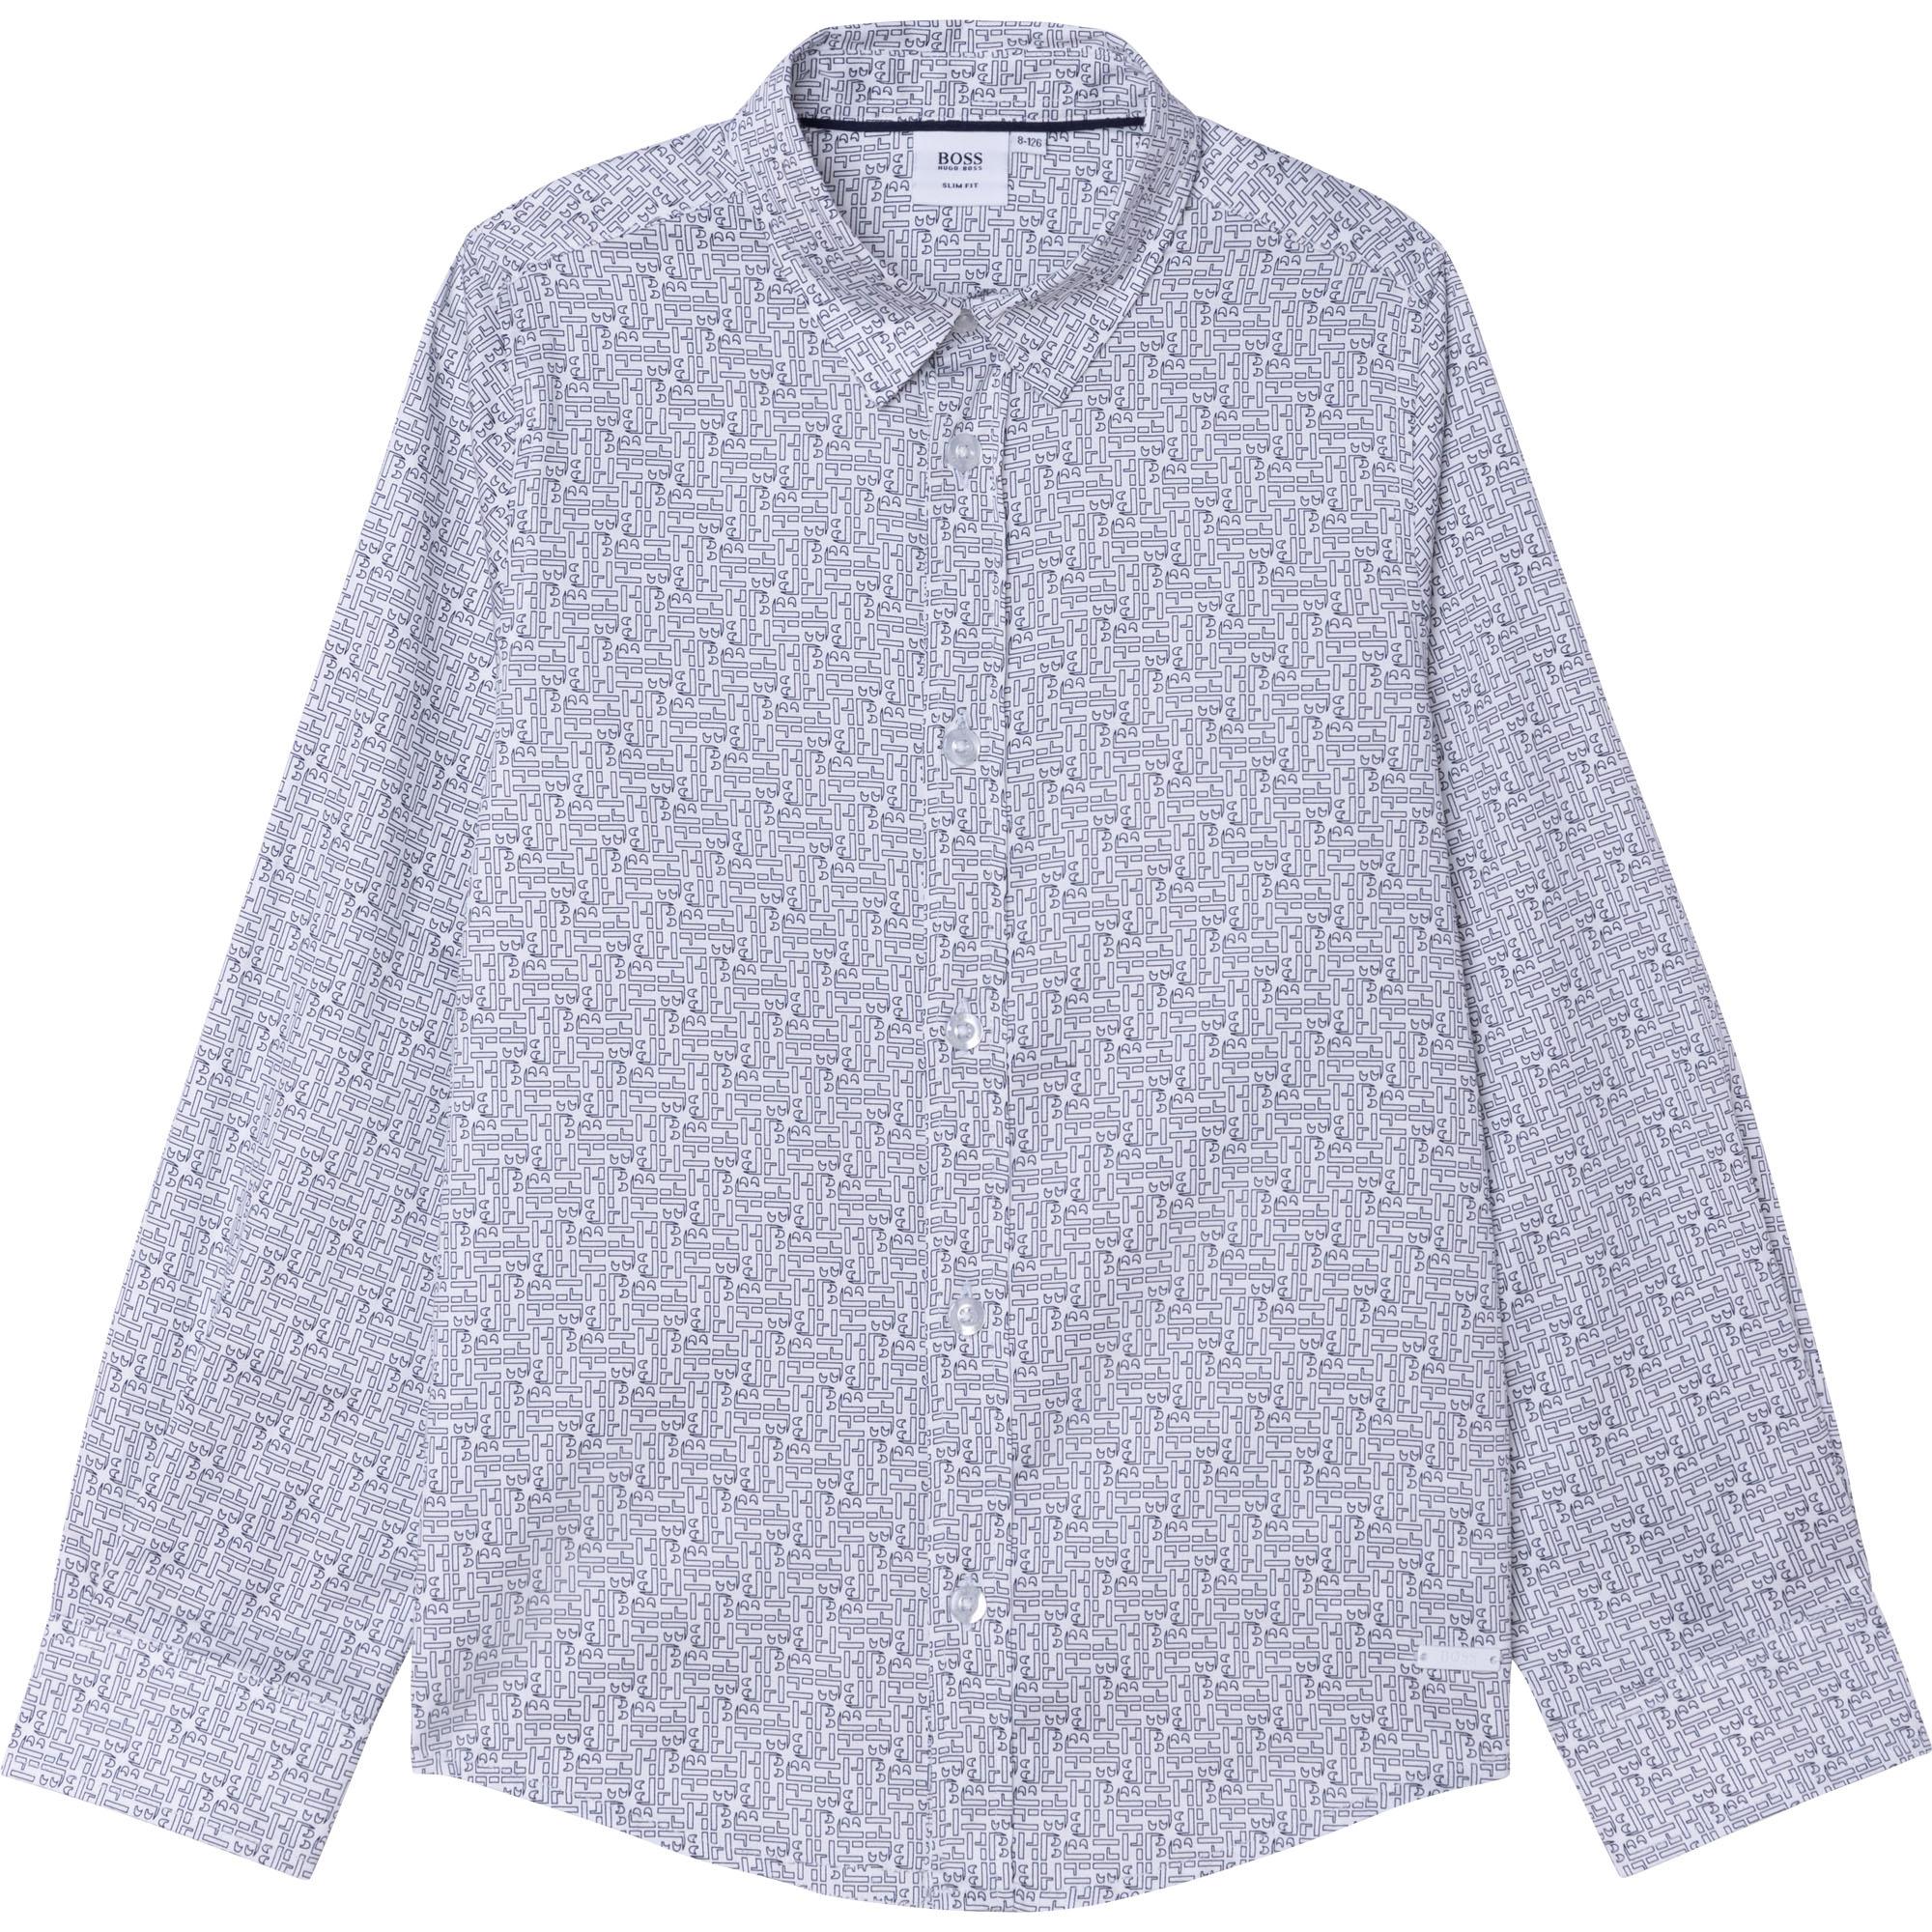 Cotton satin shirt BOSS for BOY